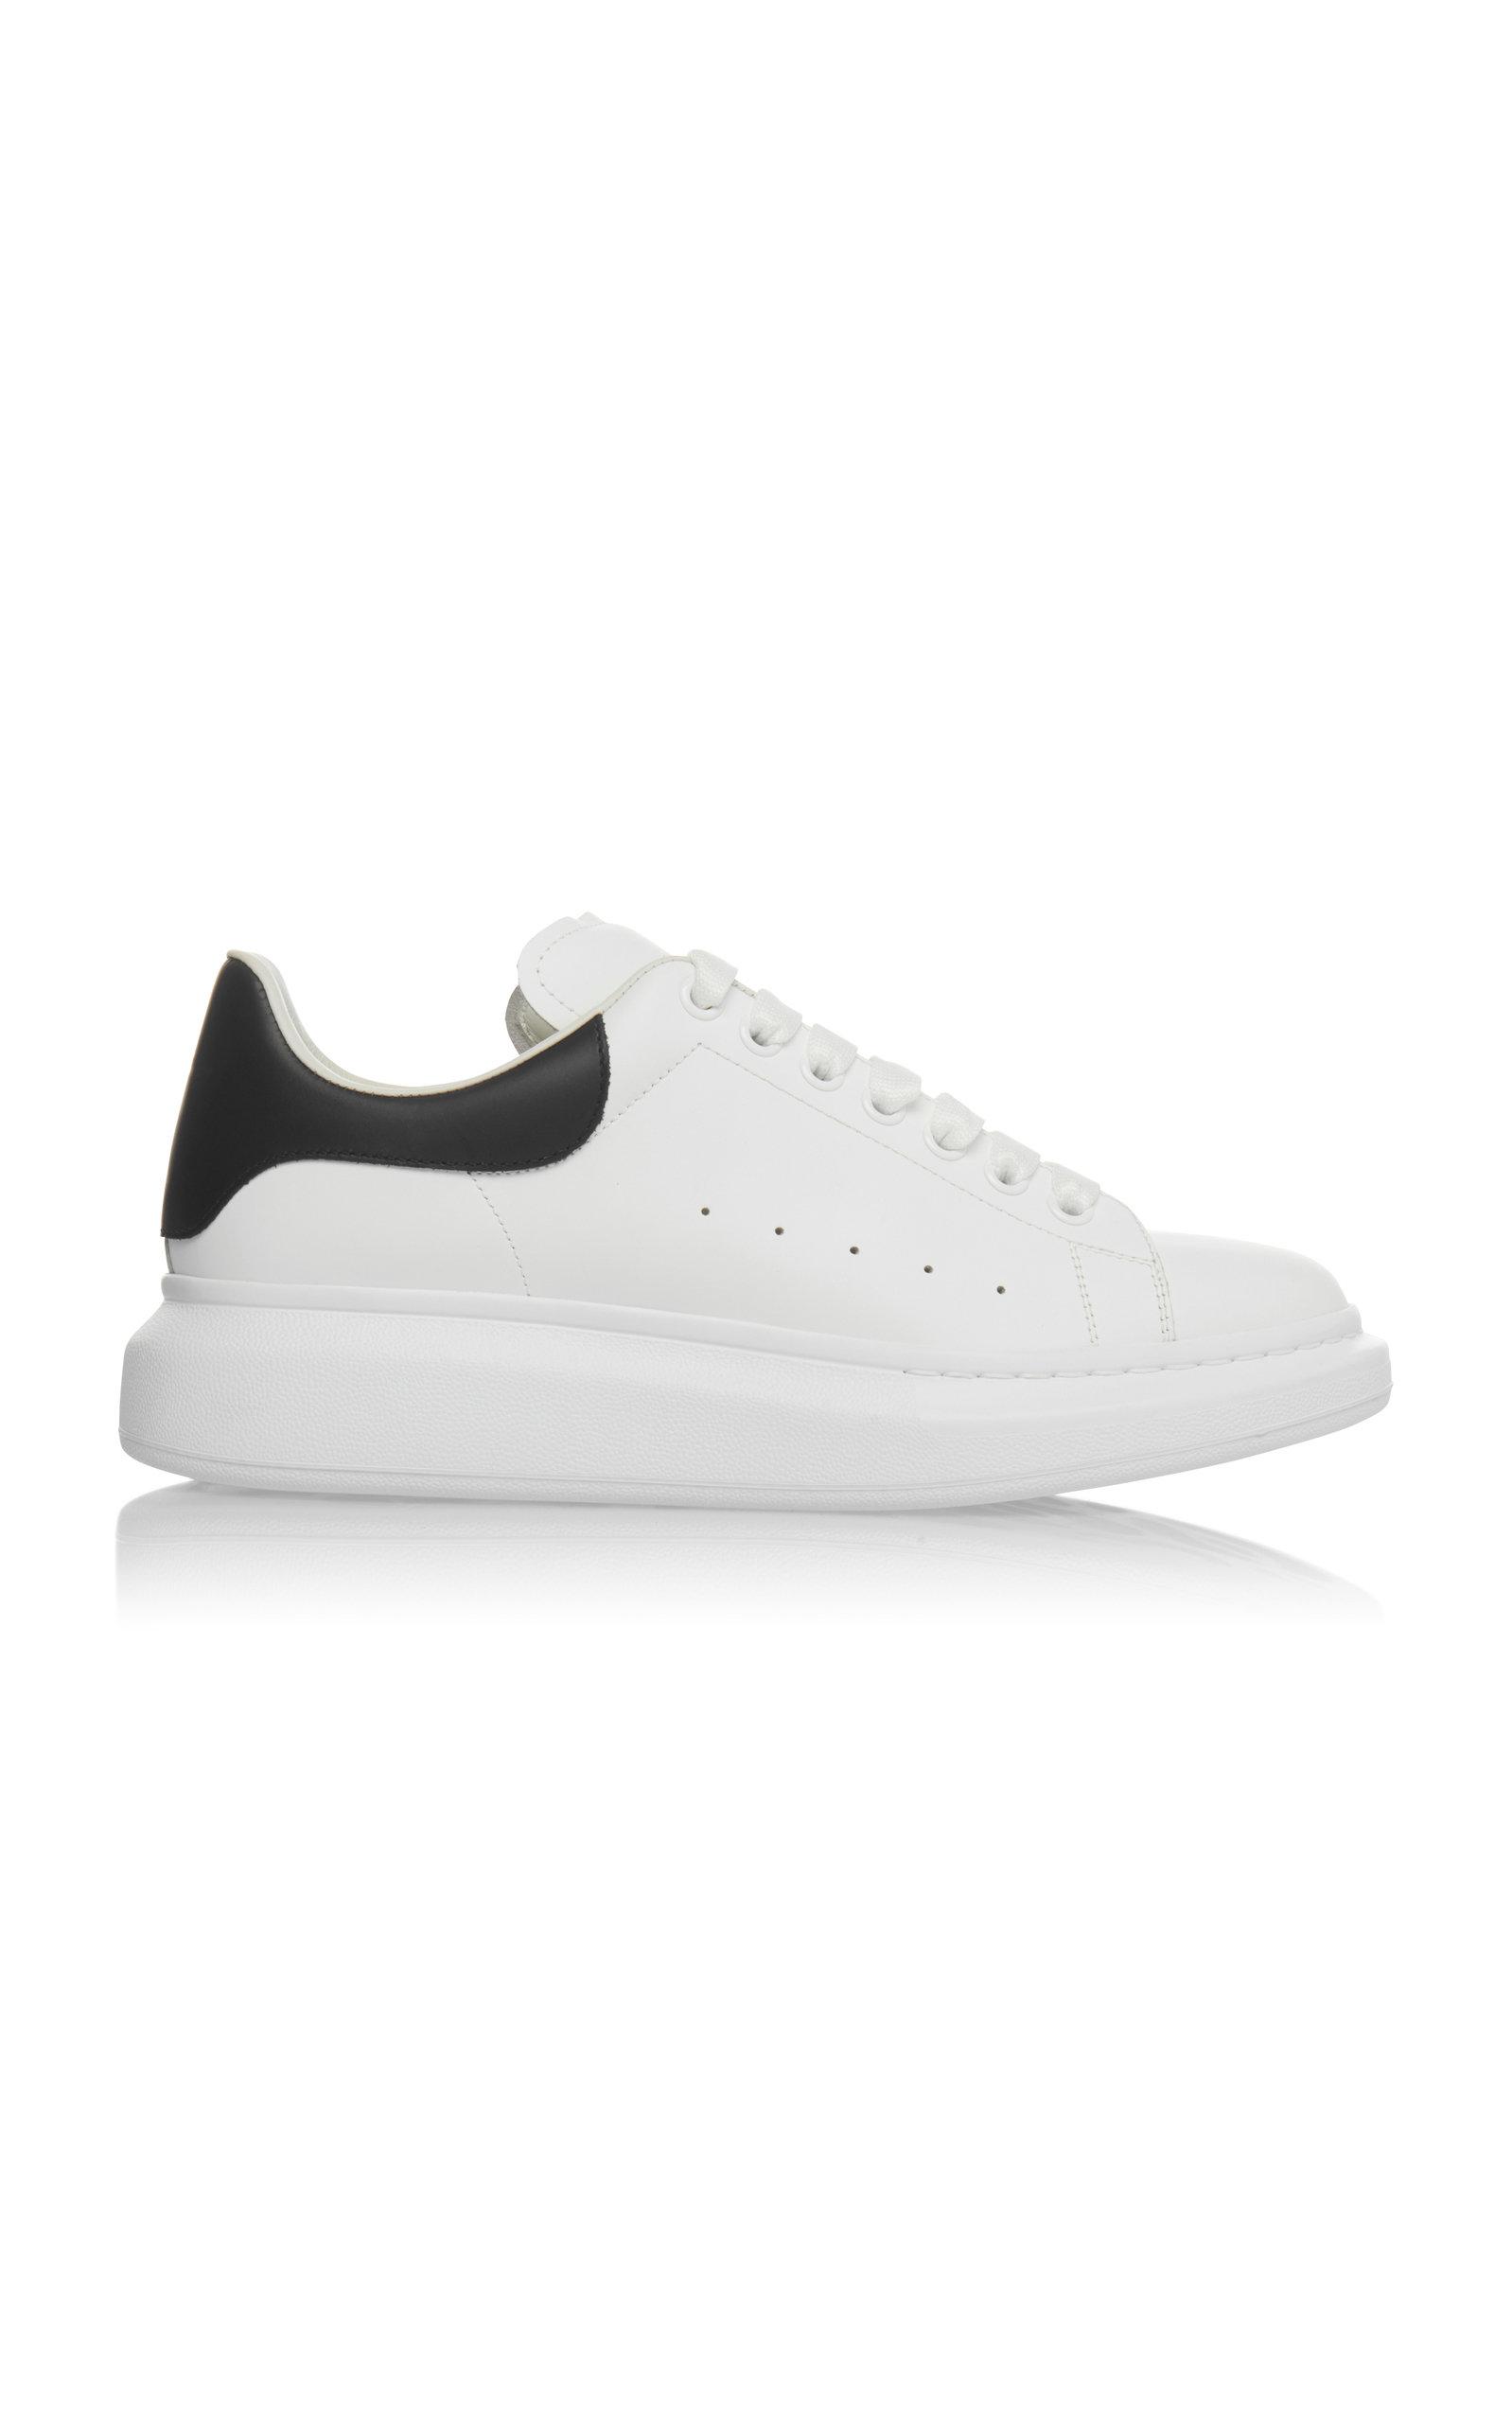 ALEXANDER MCQUEEN   Alexander McQueen Leather Low-Top Sneakers   Goxip